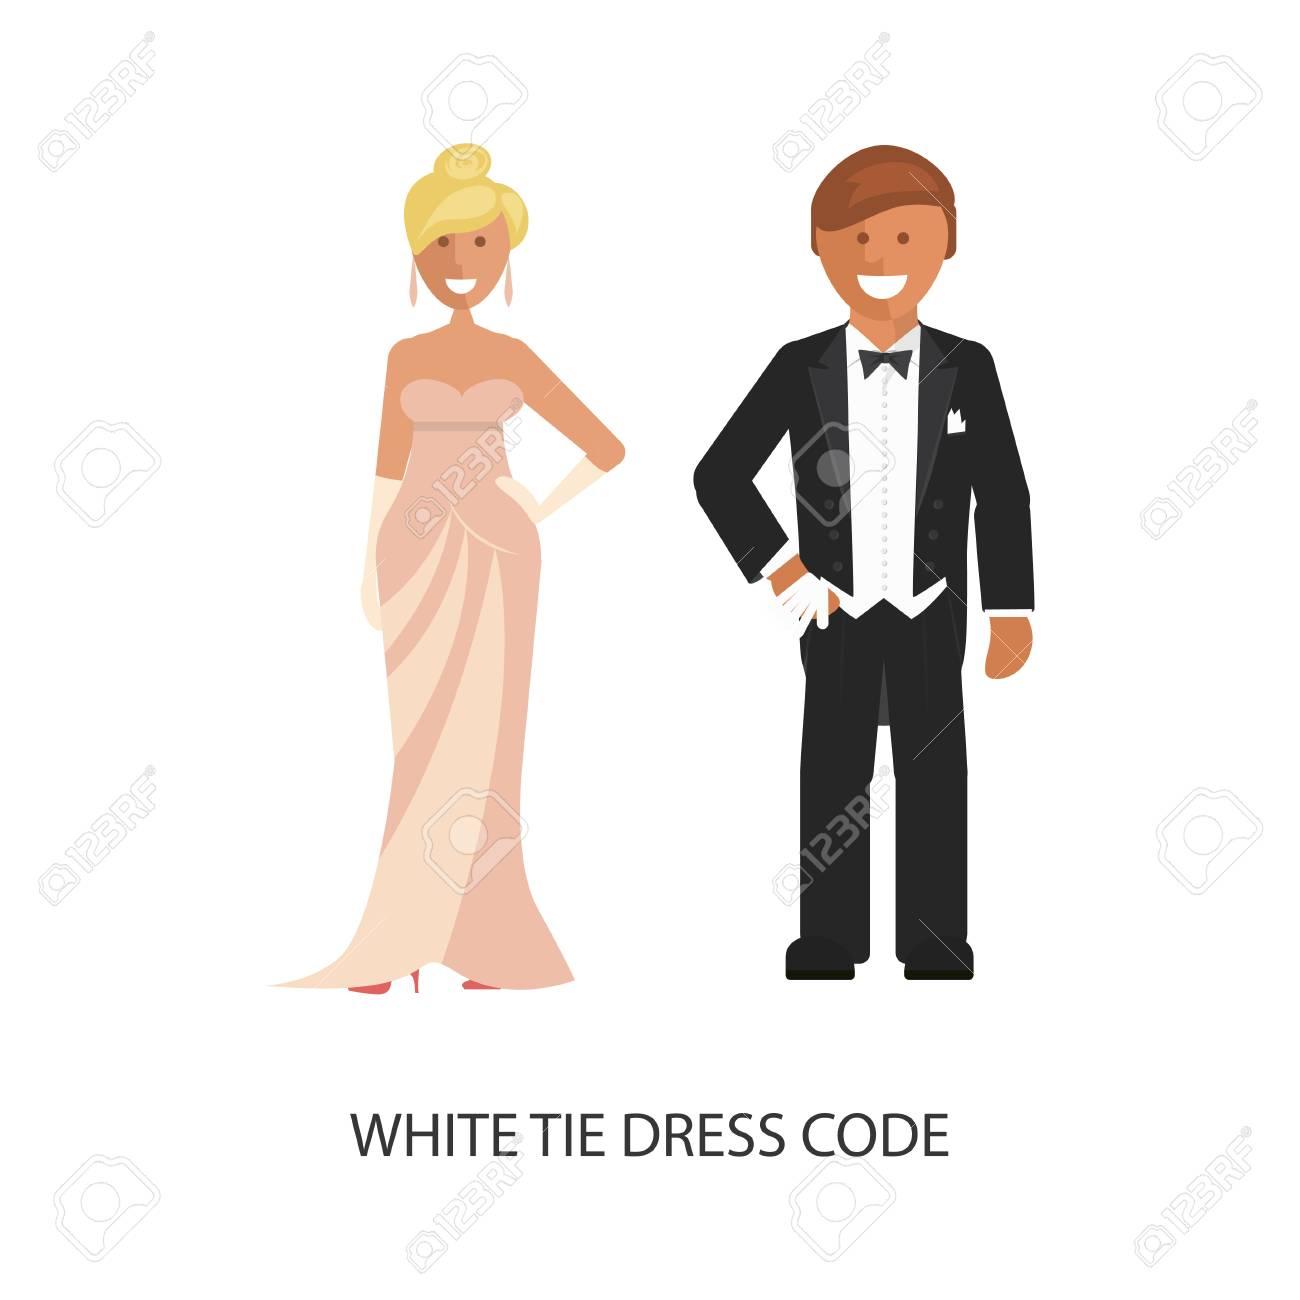 Weiße Krawatte Kleiderordnung. Lizenzfreie Fotos, Bilder Und Stock ...